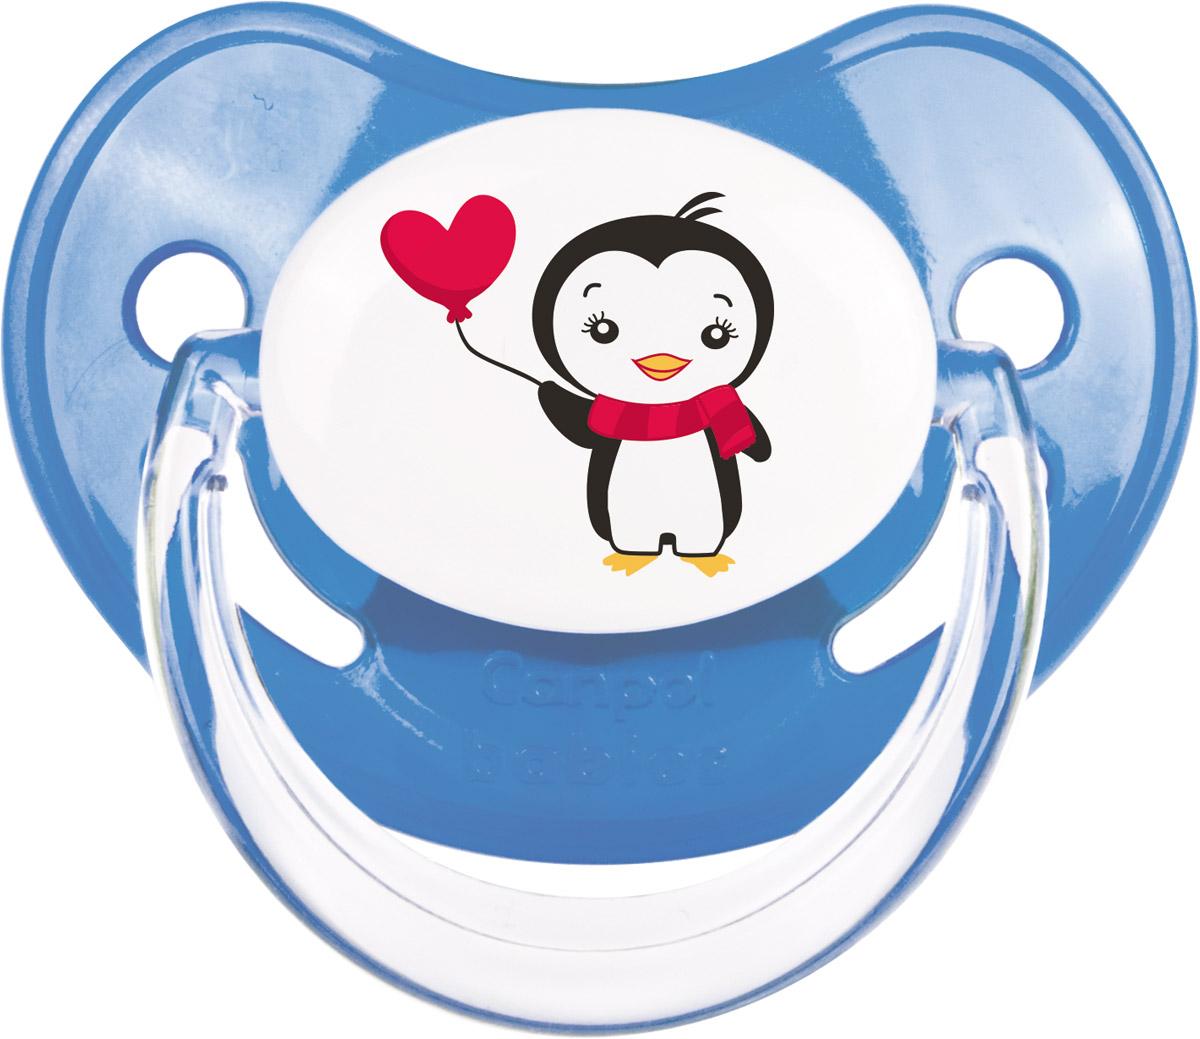 Canpol Babies Пустышка силиконовая ортодонтическая Penguins от 6 до 18 месяцев цвет синий пустышка canpol фрукты силикон ортодонтическая от 6 месяцев розовый 22 551